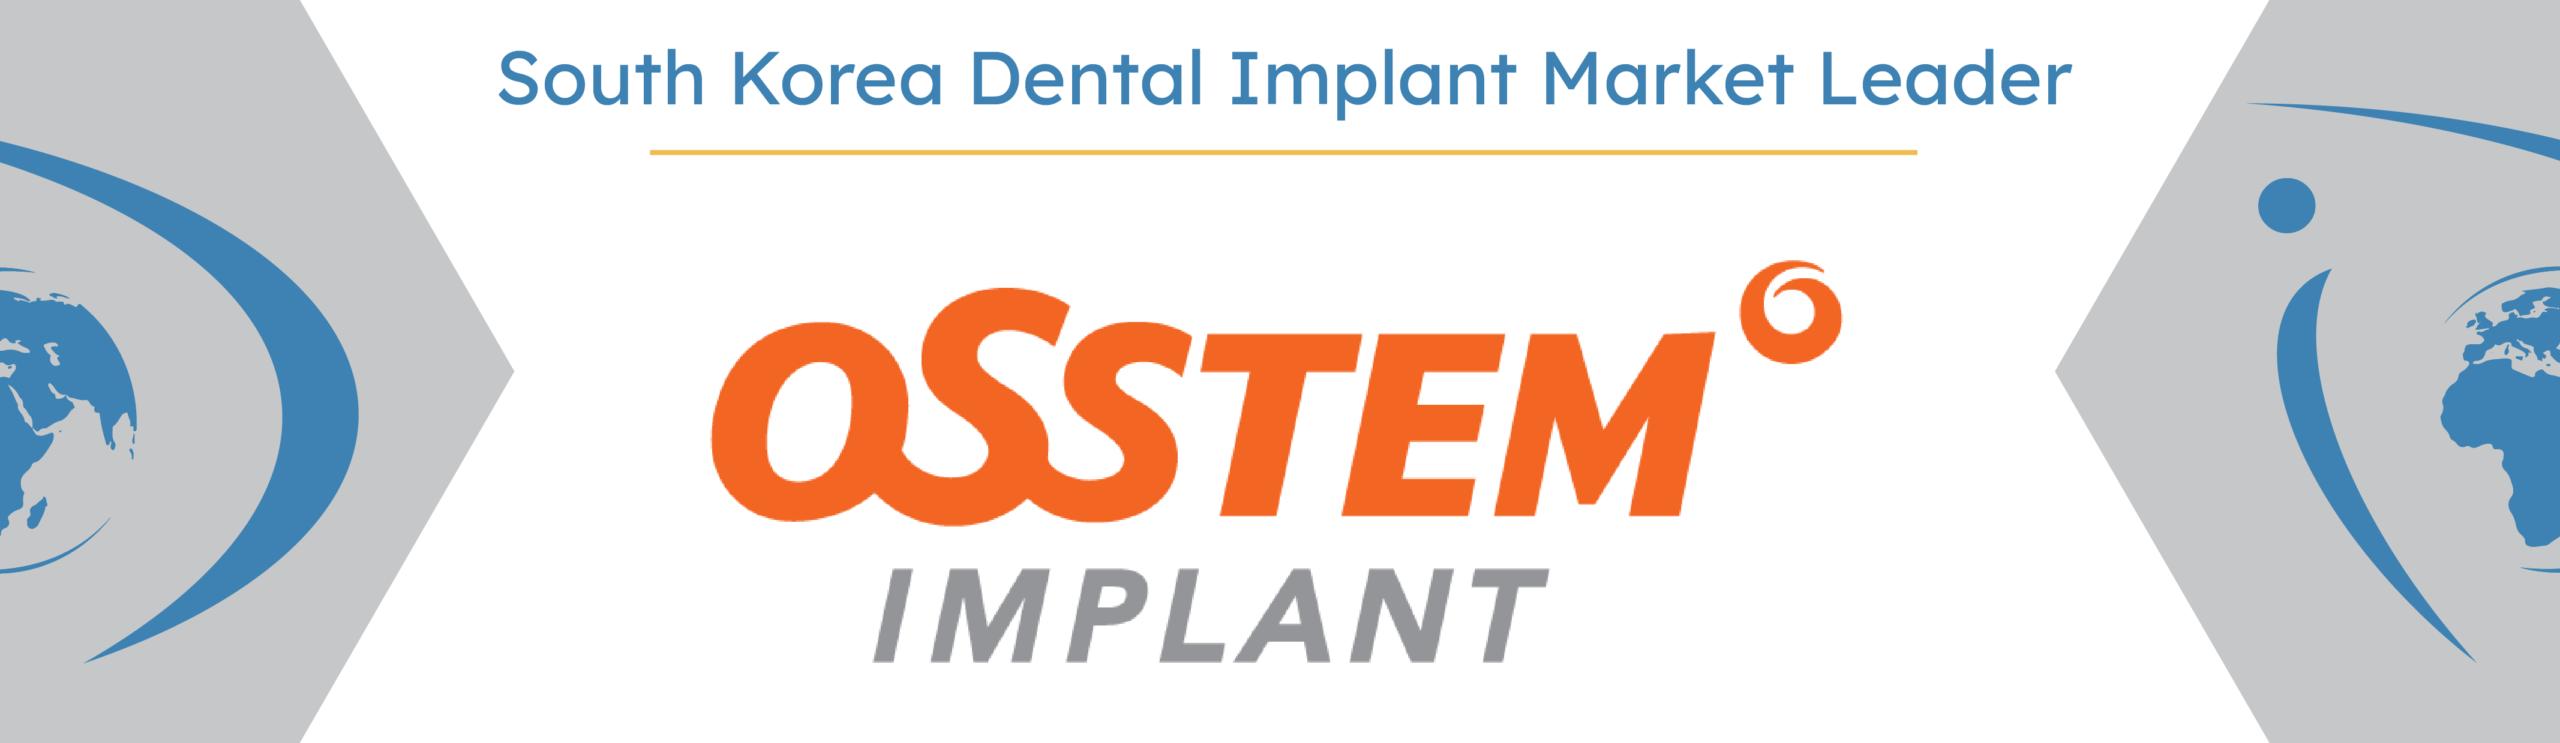 South Korea Dental Implant Market Leader